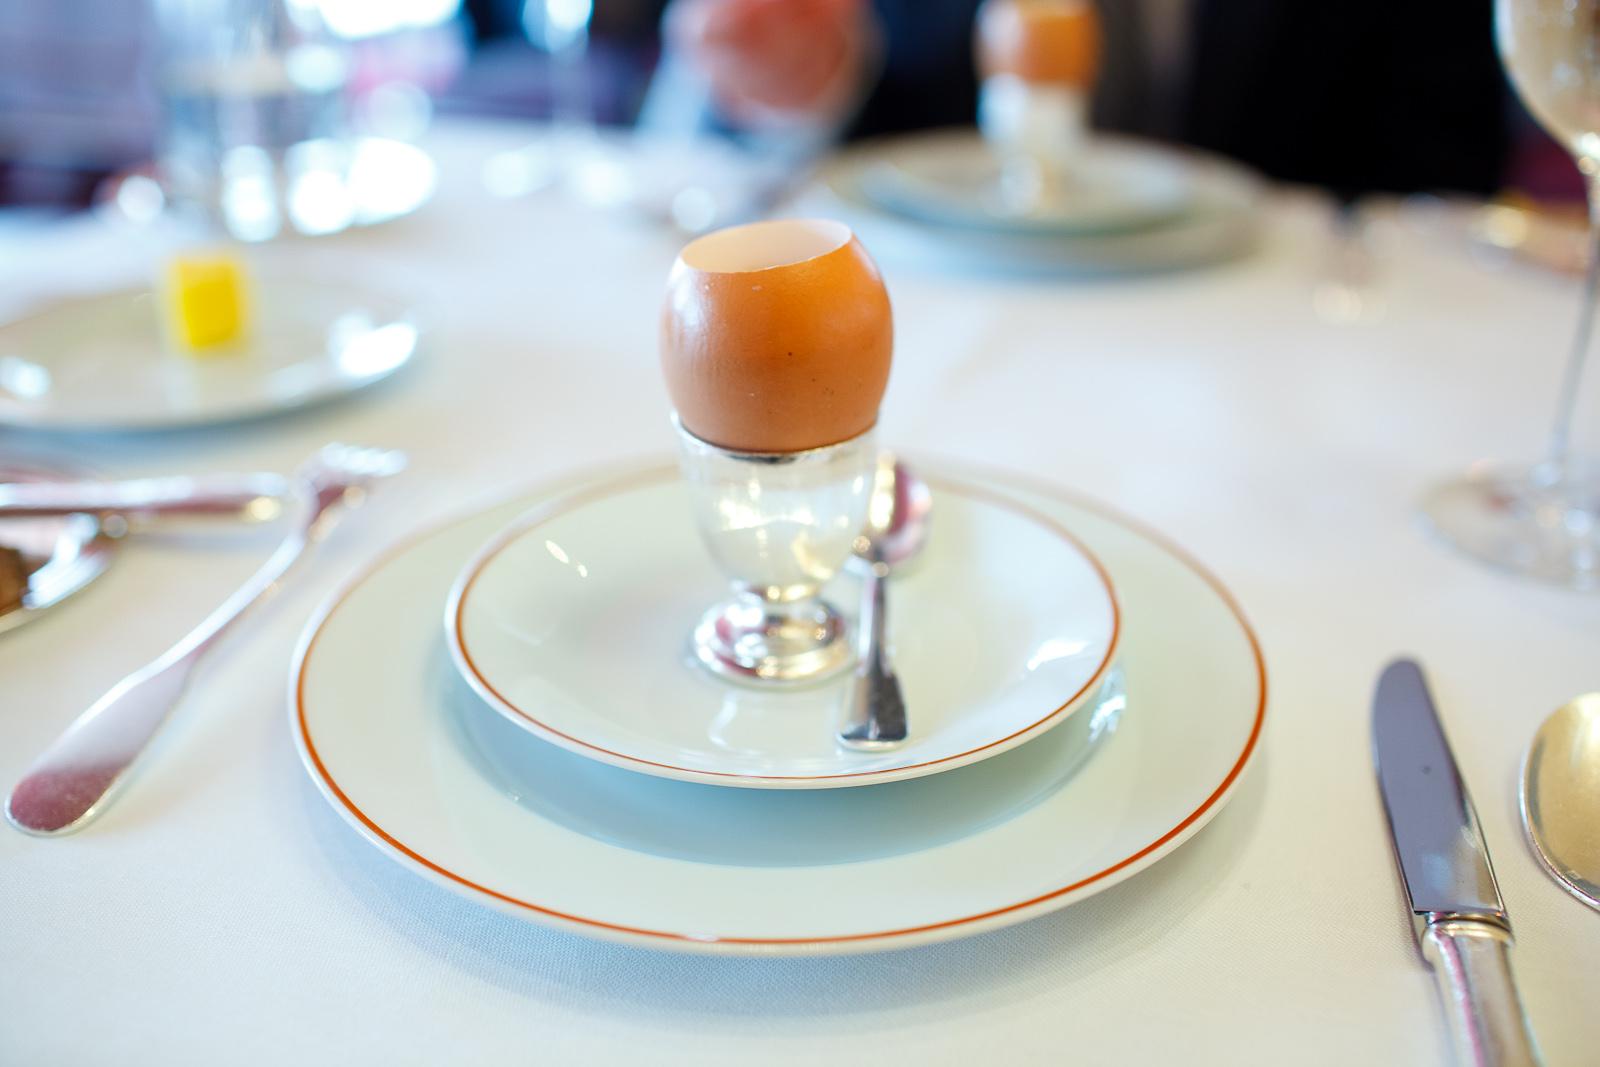 The Arpège Egg